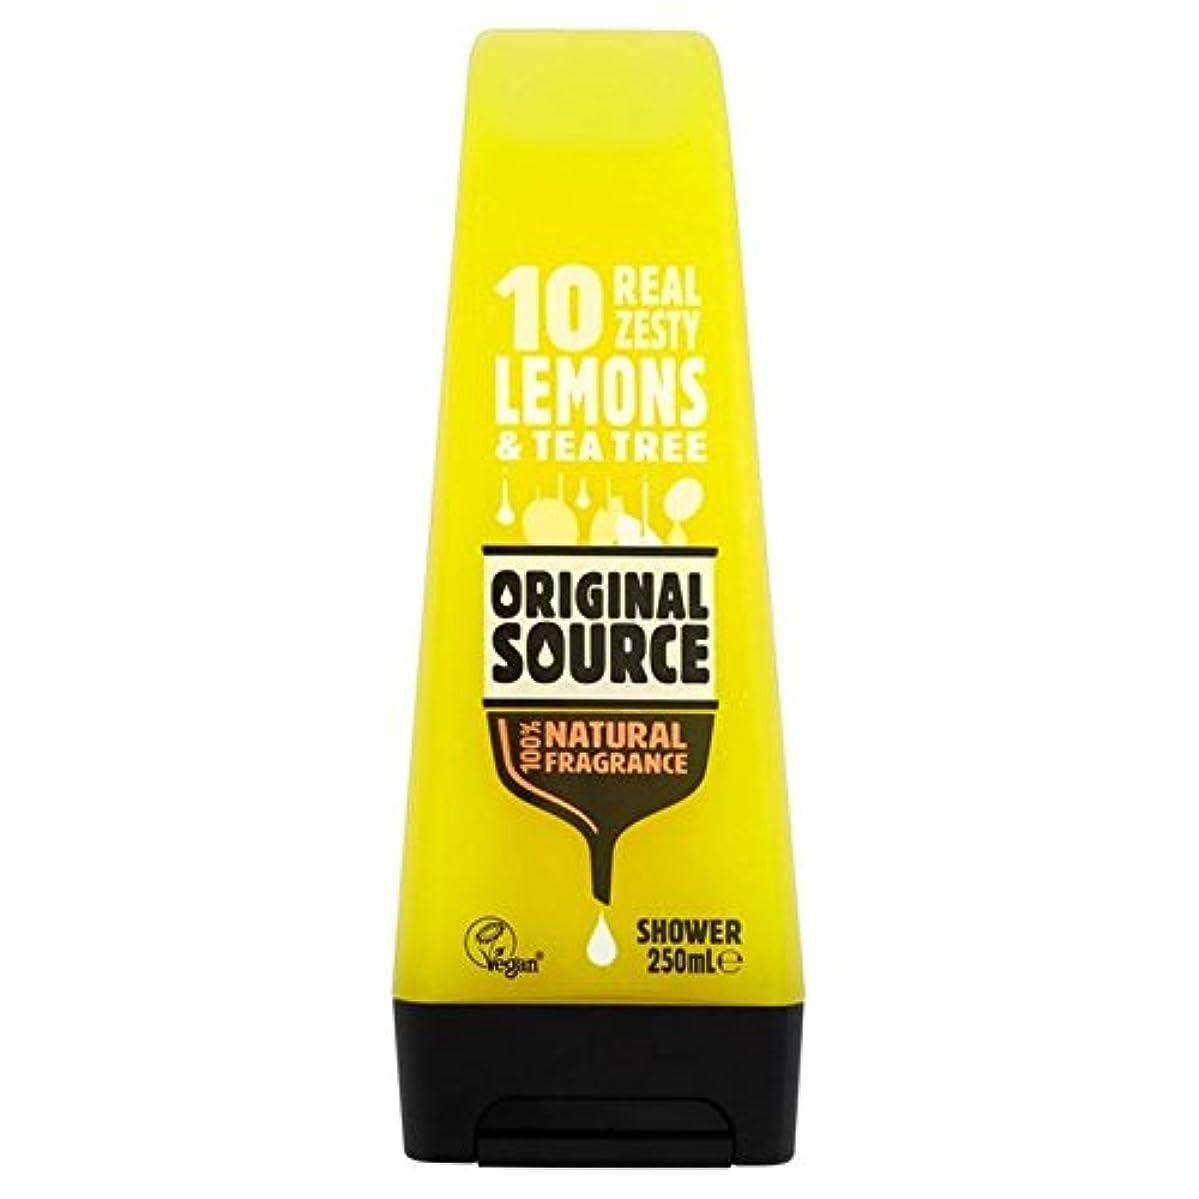 組立ずるいインキュバス元のソースのレモンシャワージェル250ミリリットル x4 - Original Source Lemon Shower Gel 250ml (Pack of 4) [並行輸入品]